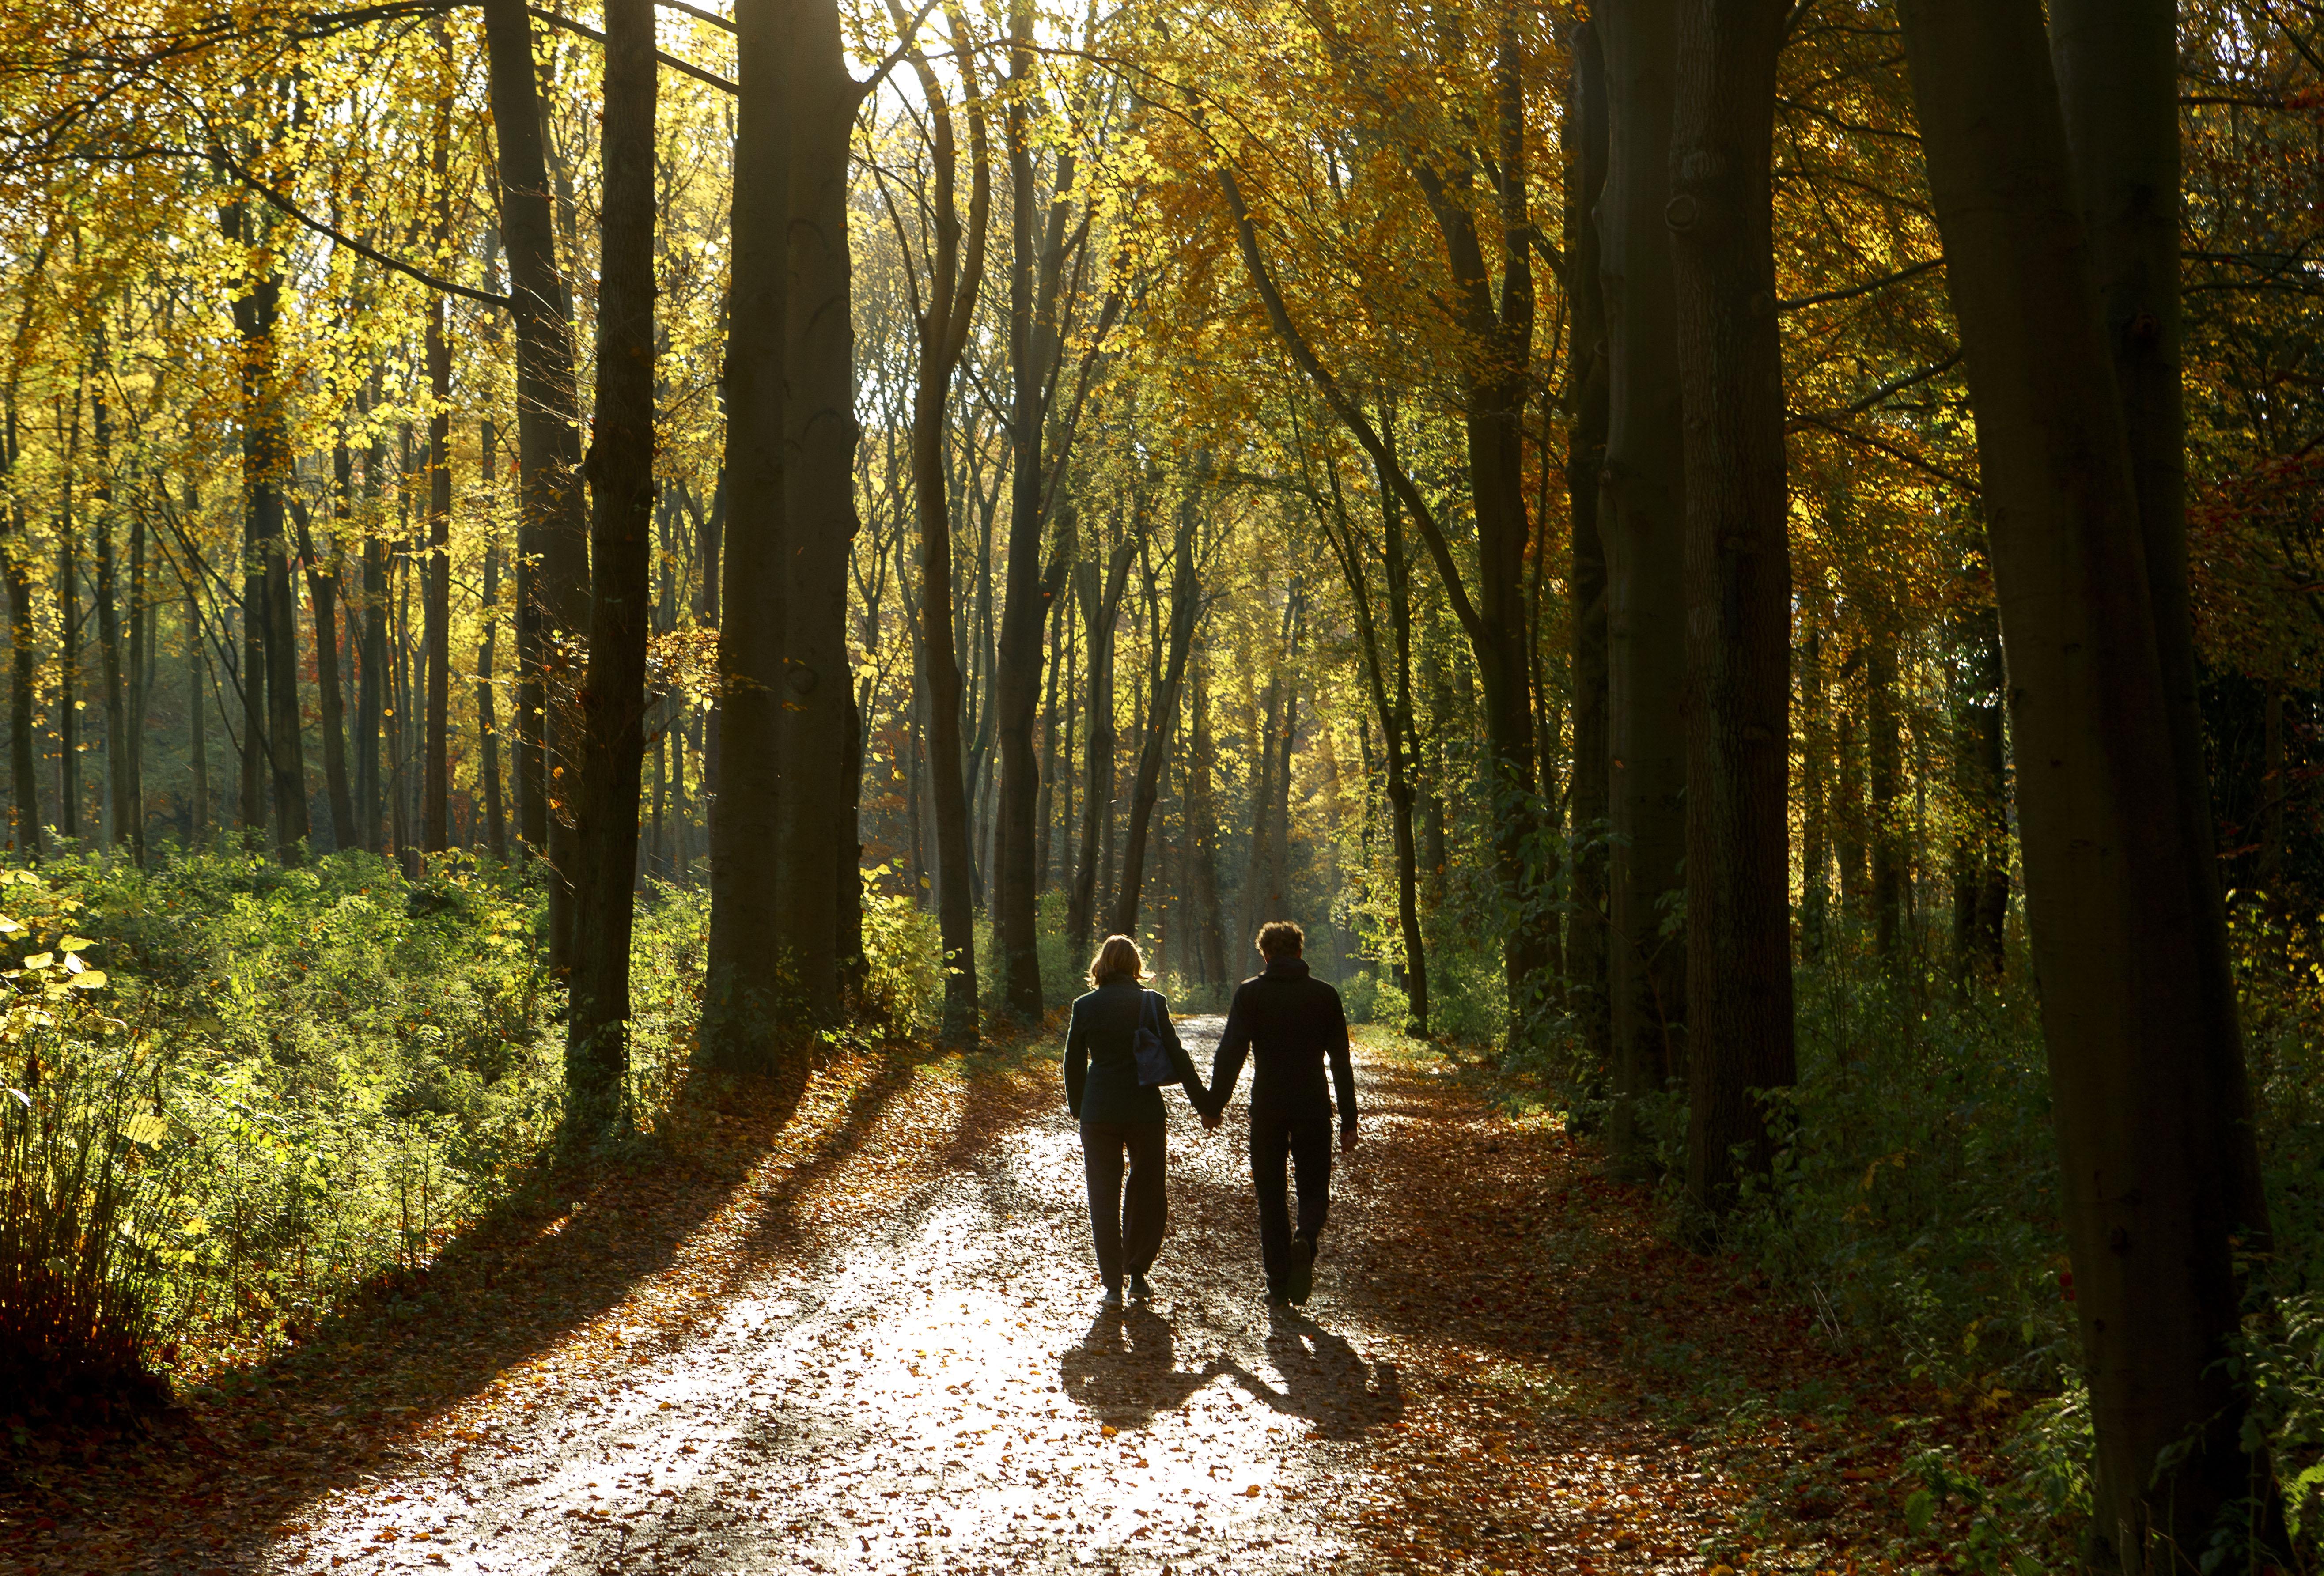 Een foto van twee wandelende mensen in het bos